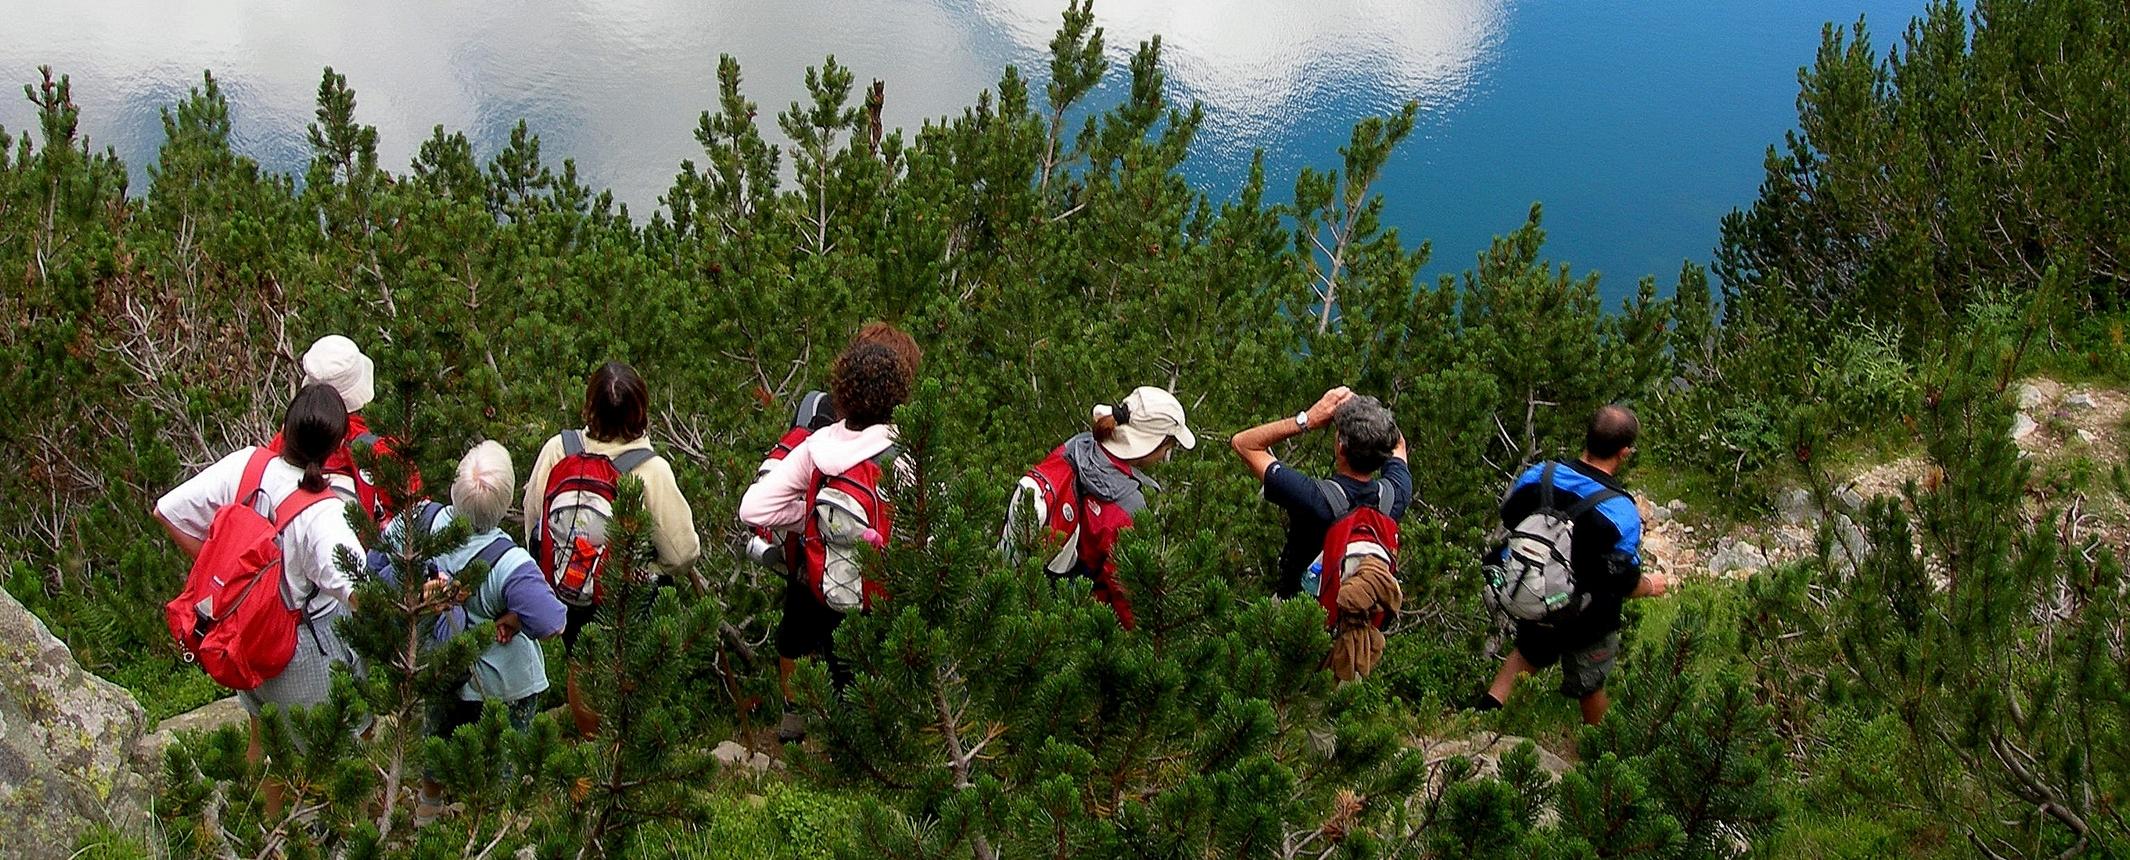 Bulgaria -  Trekking en los Balcanes. Montes de Rila, Pirín y Rodopes - Salidas de JUN a SEP